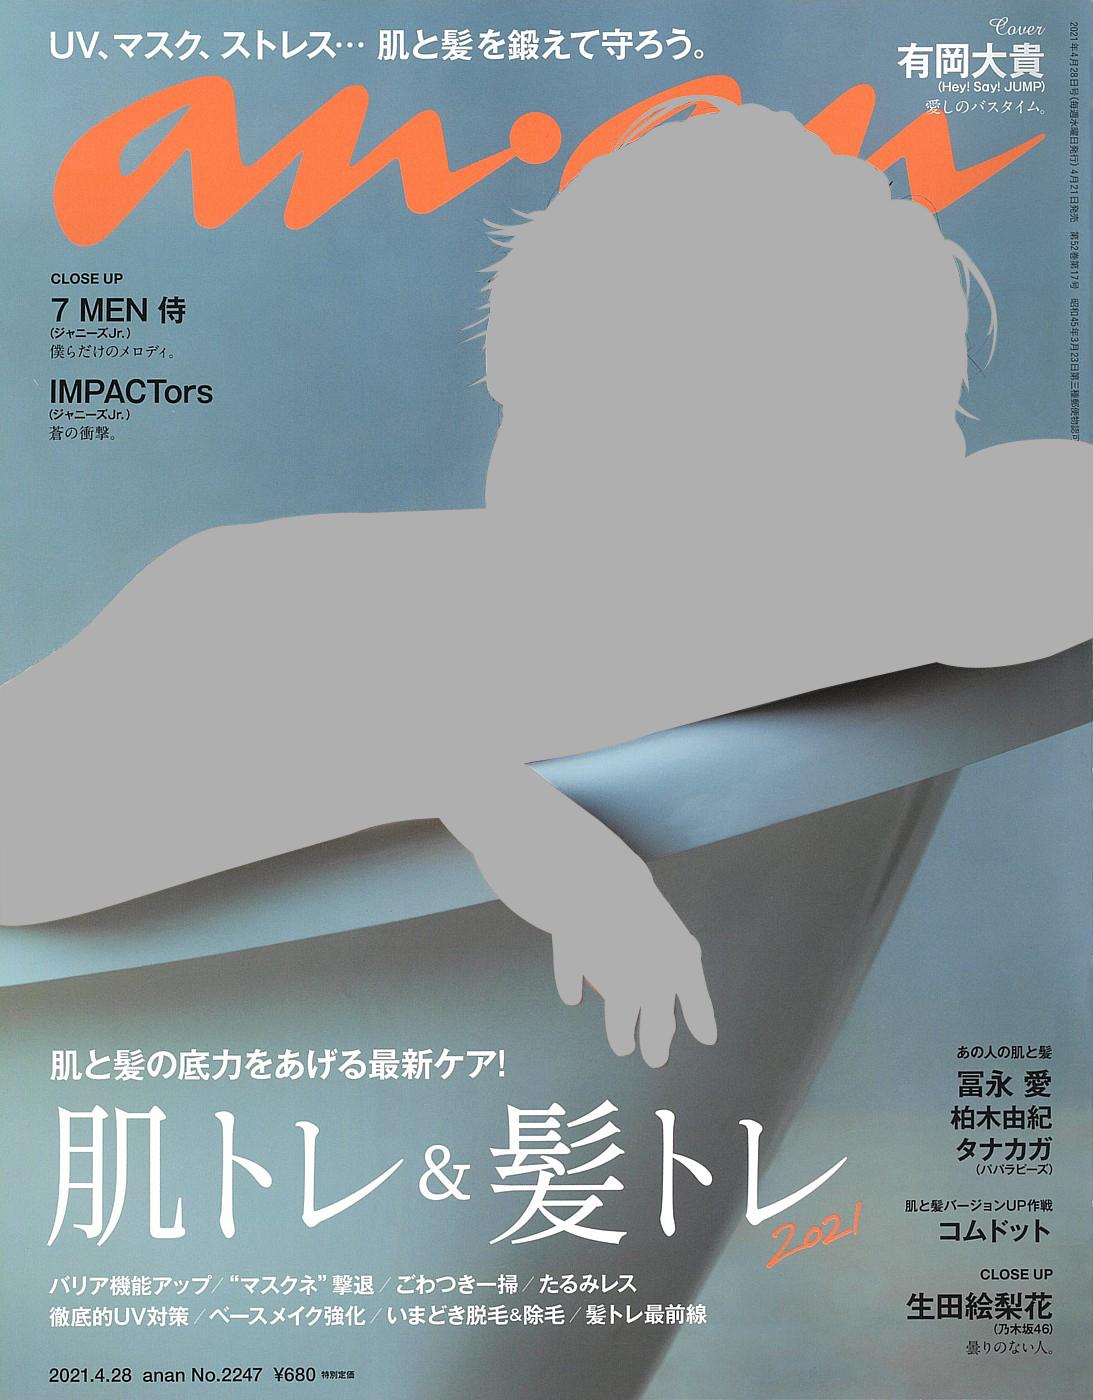 雑誌ananに広告が載っています。